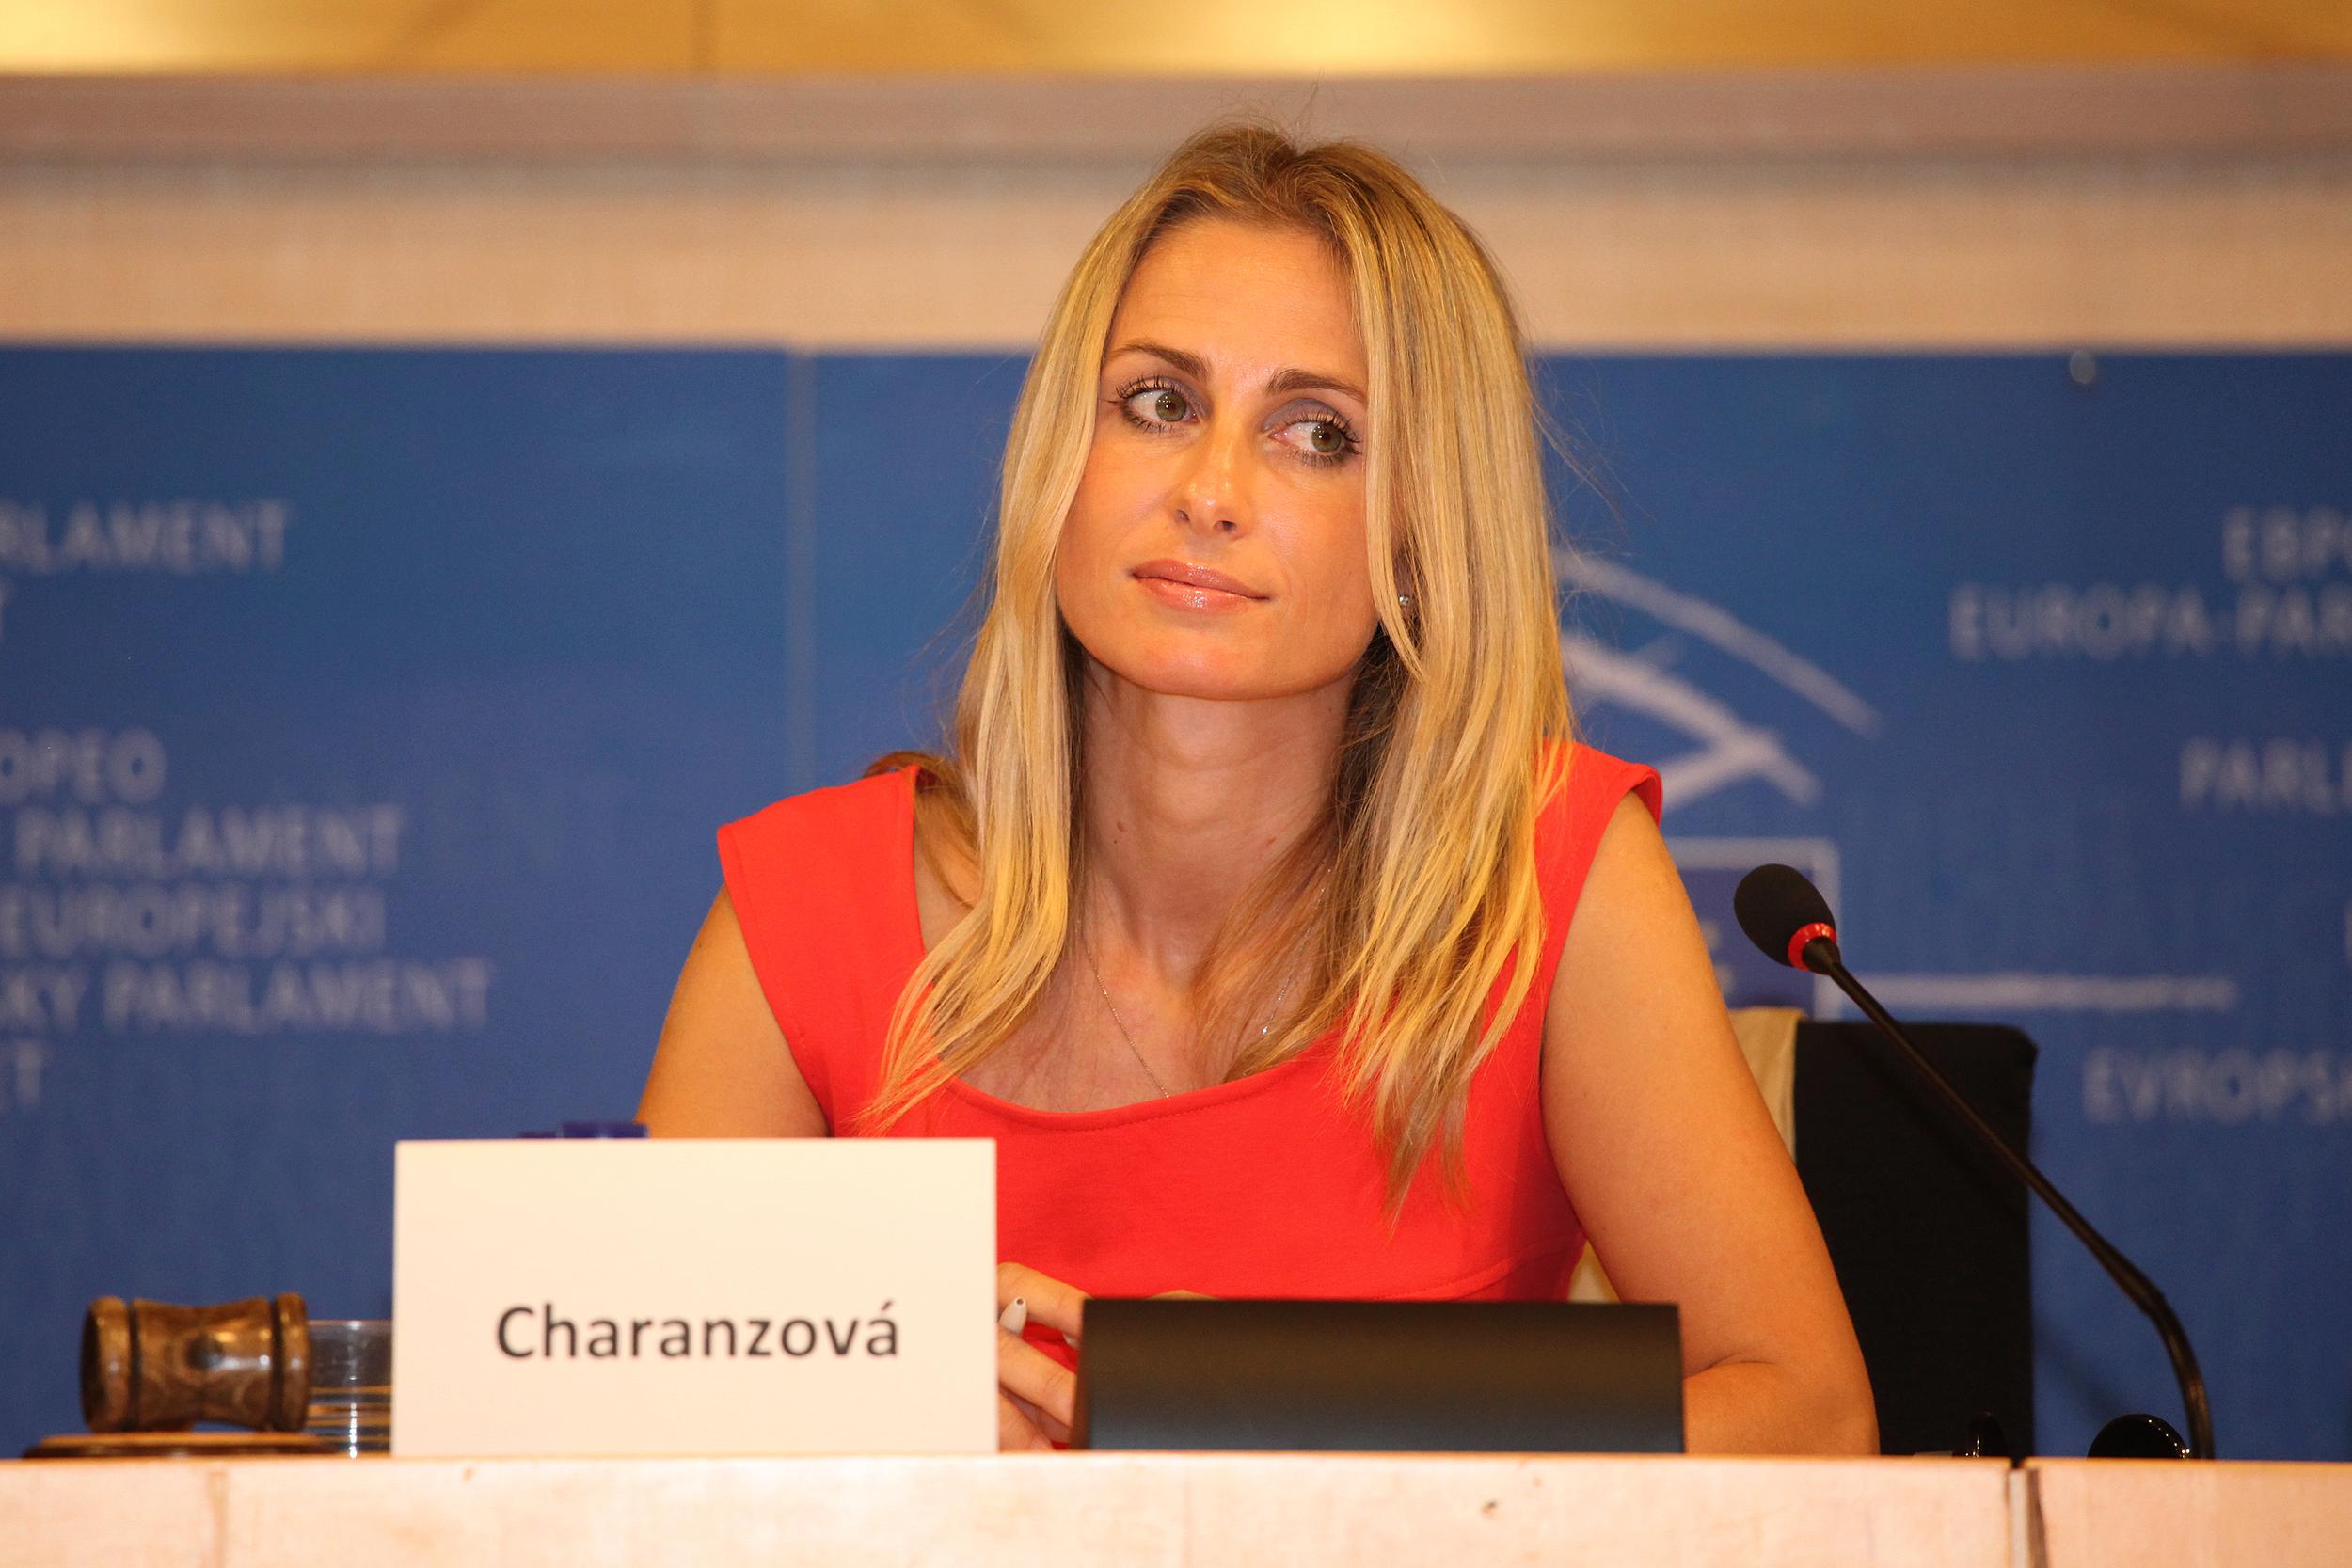 Dita Charanzová - Quelle: www.euractiv.com